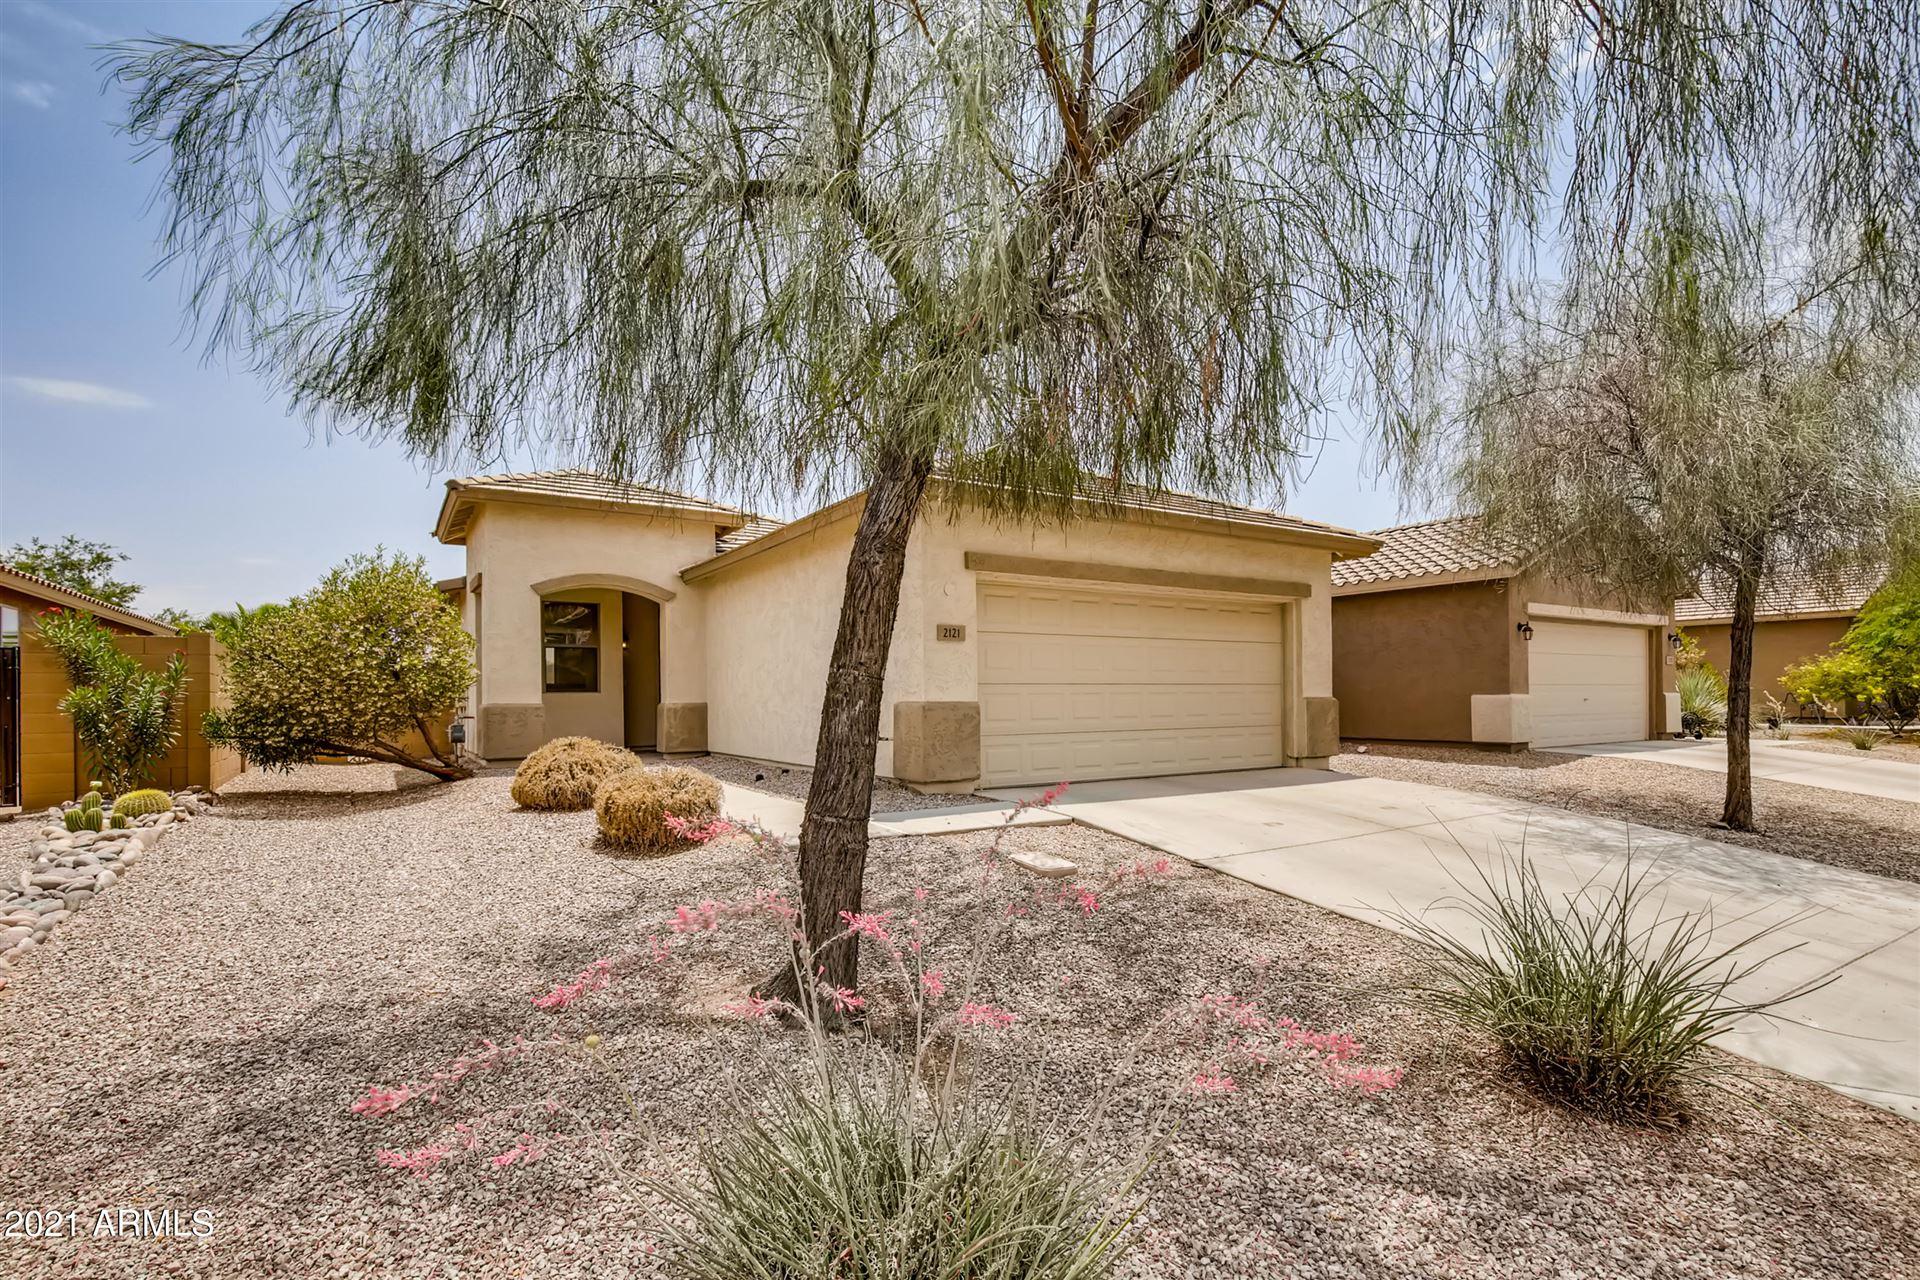 2121 W KRISTINA Avenue, Queen Creek, AZ 85142 - MLS#: 6251639